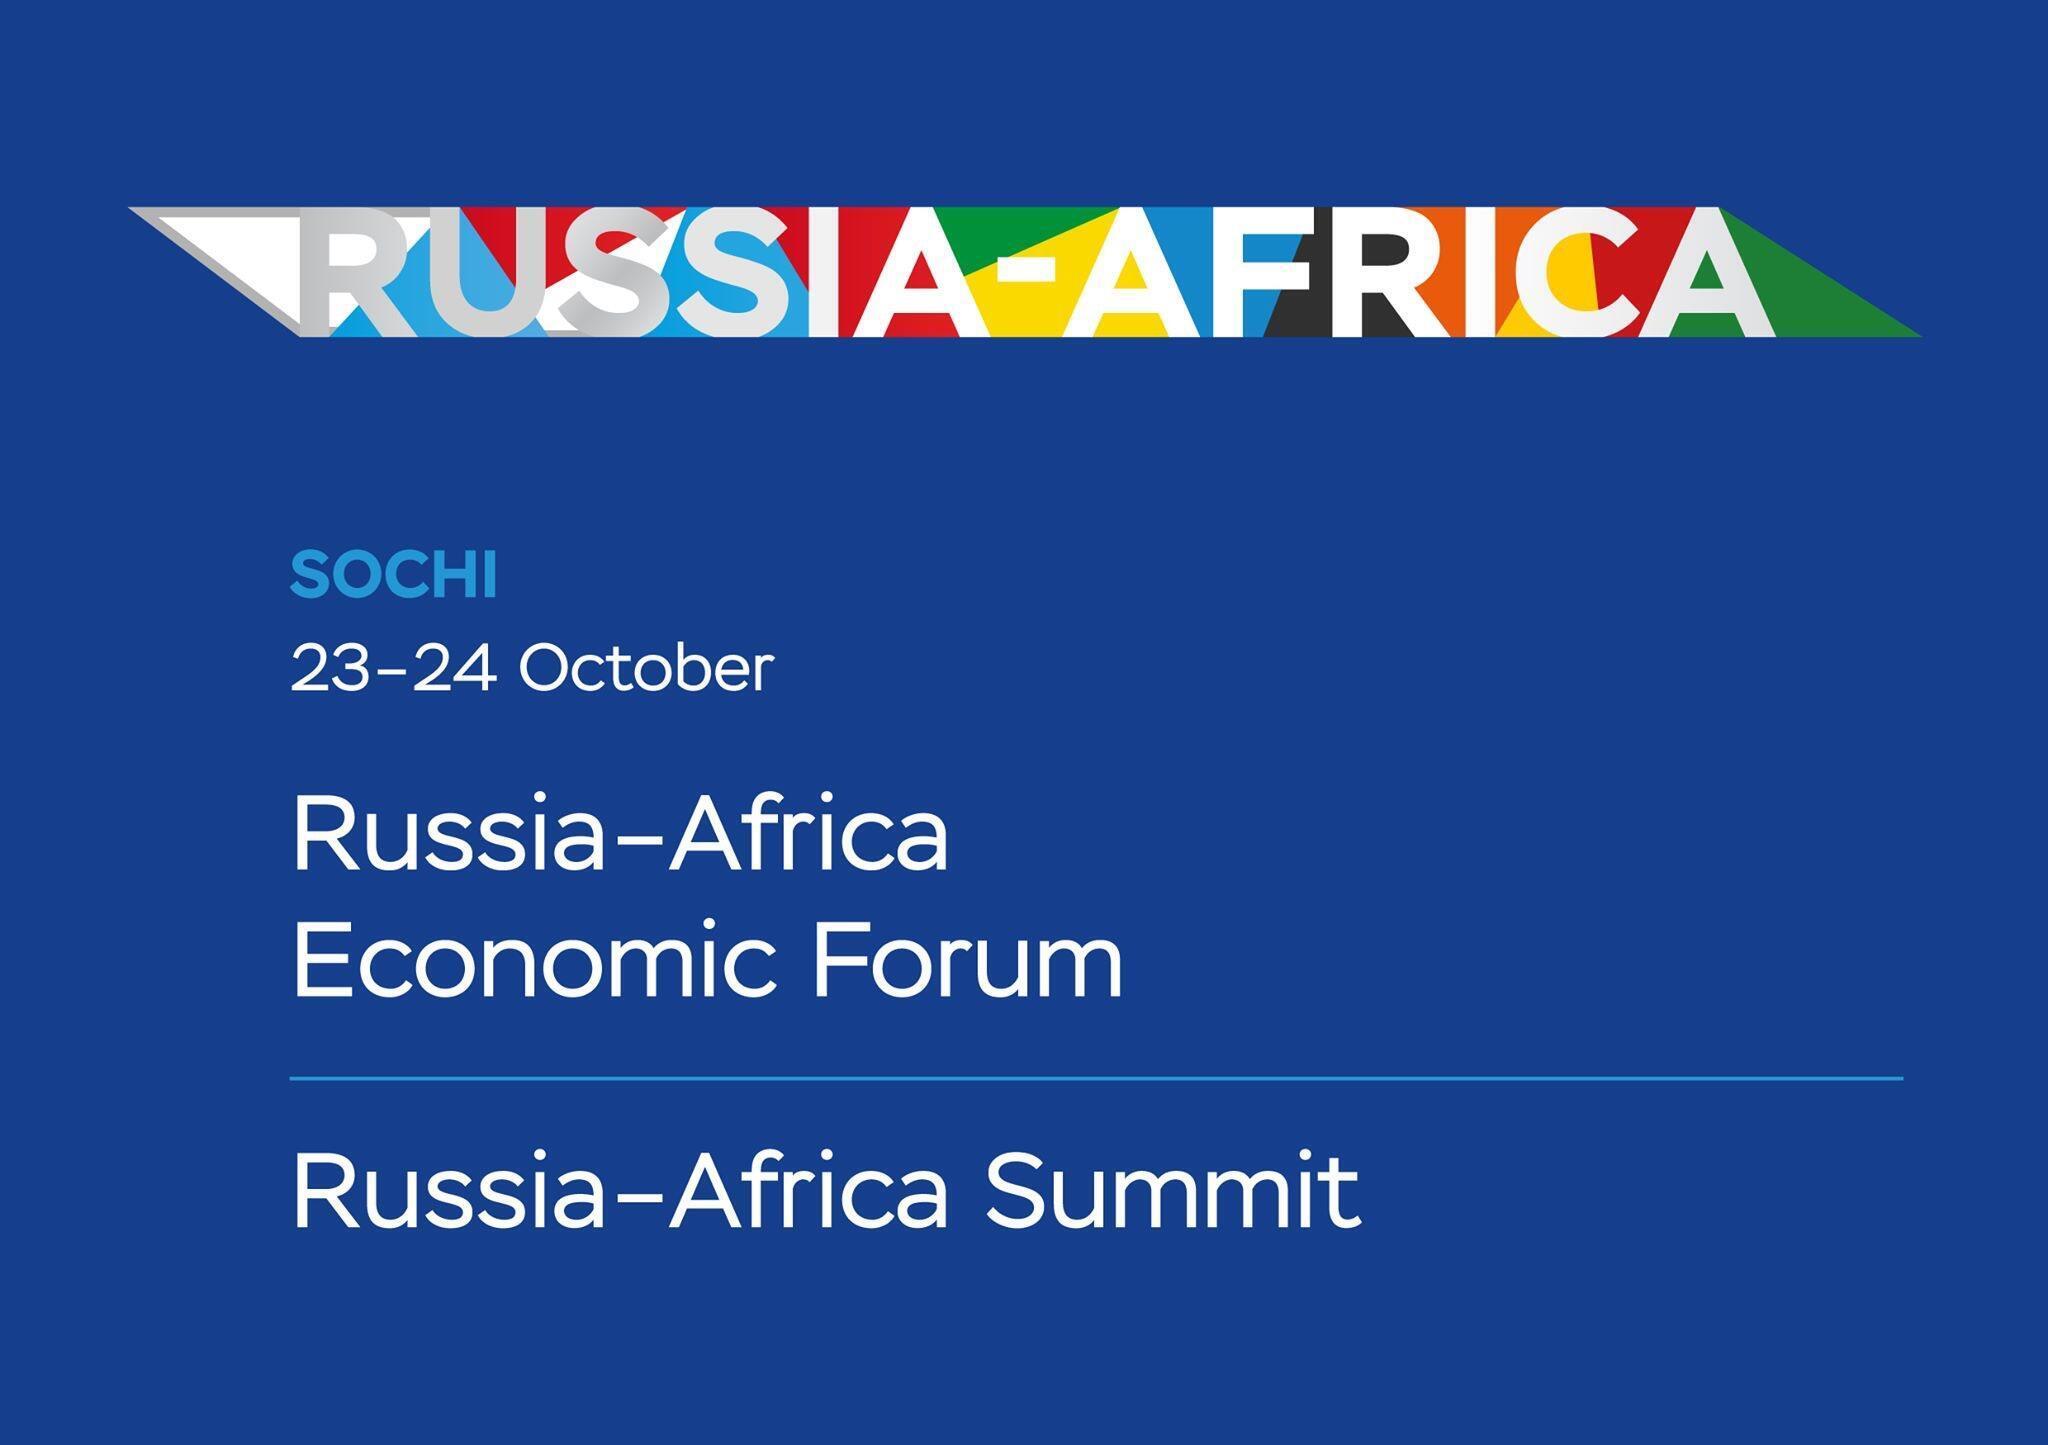 África lusófona à procura de investimento russo